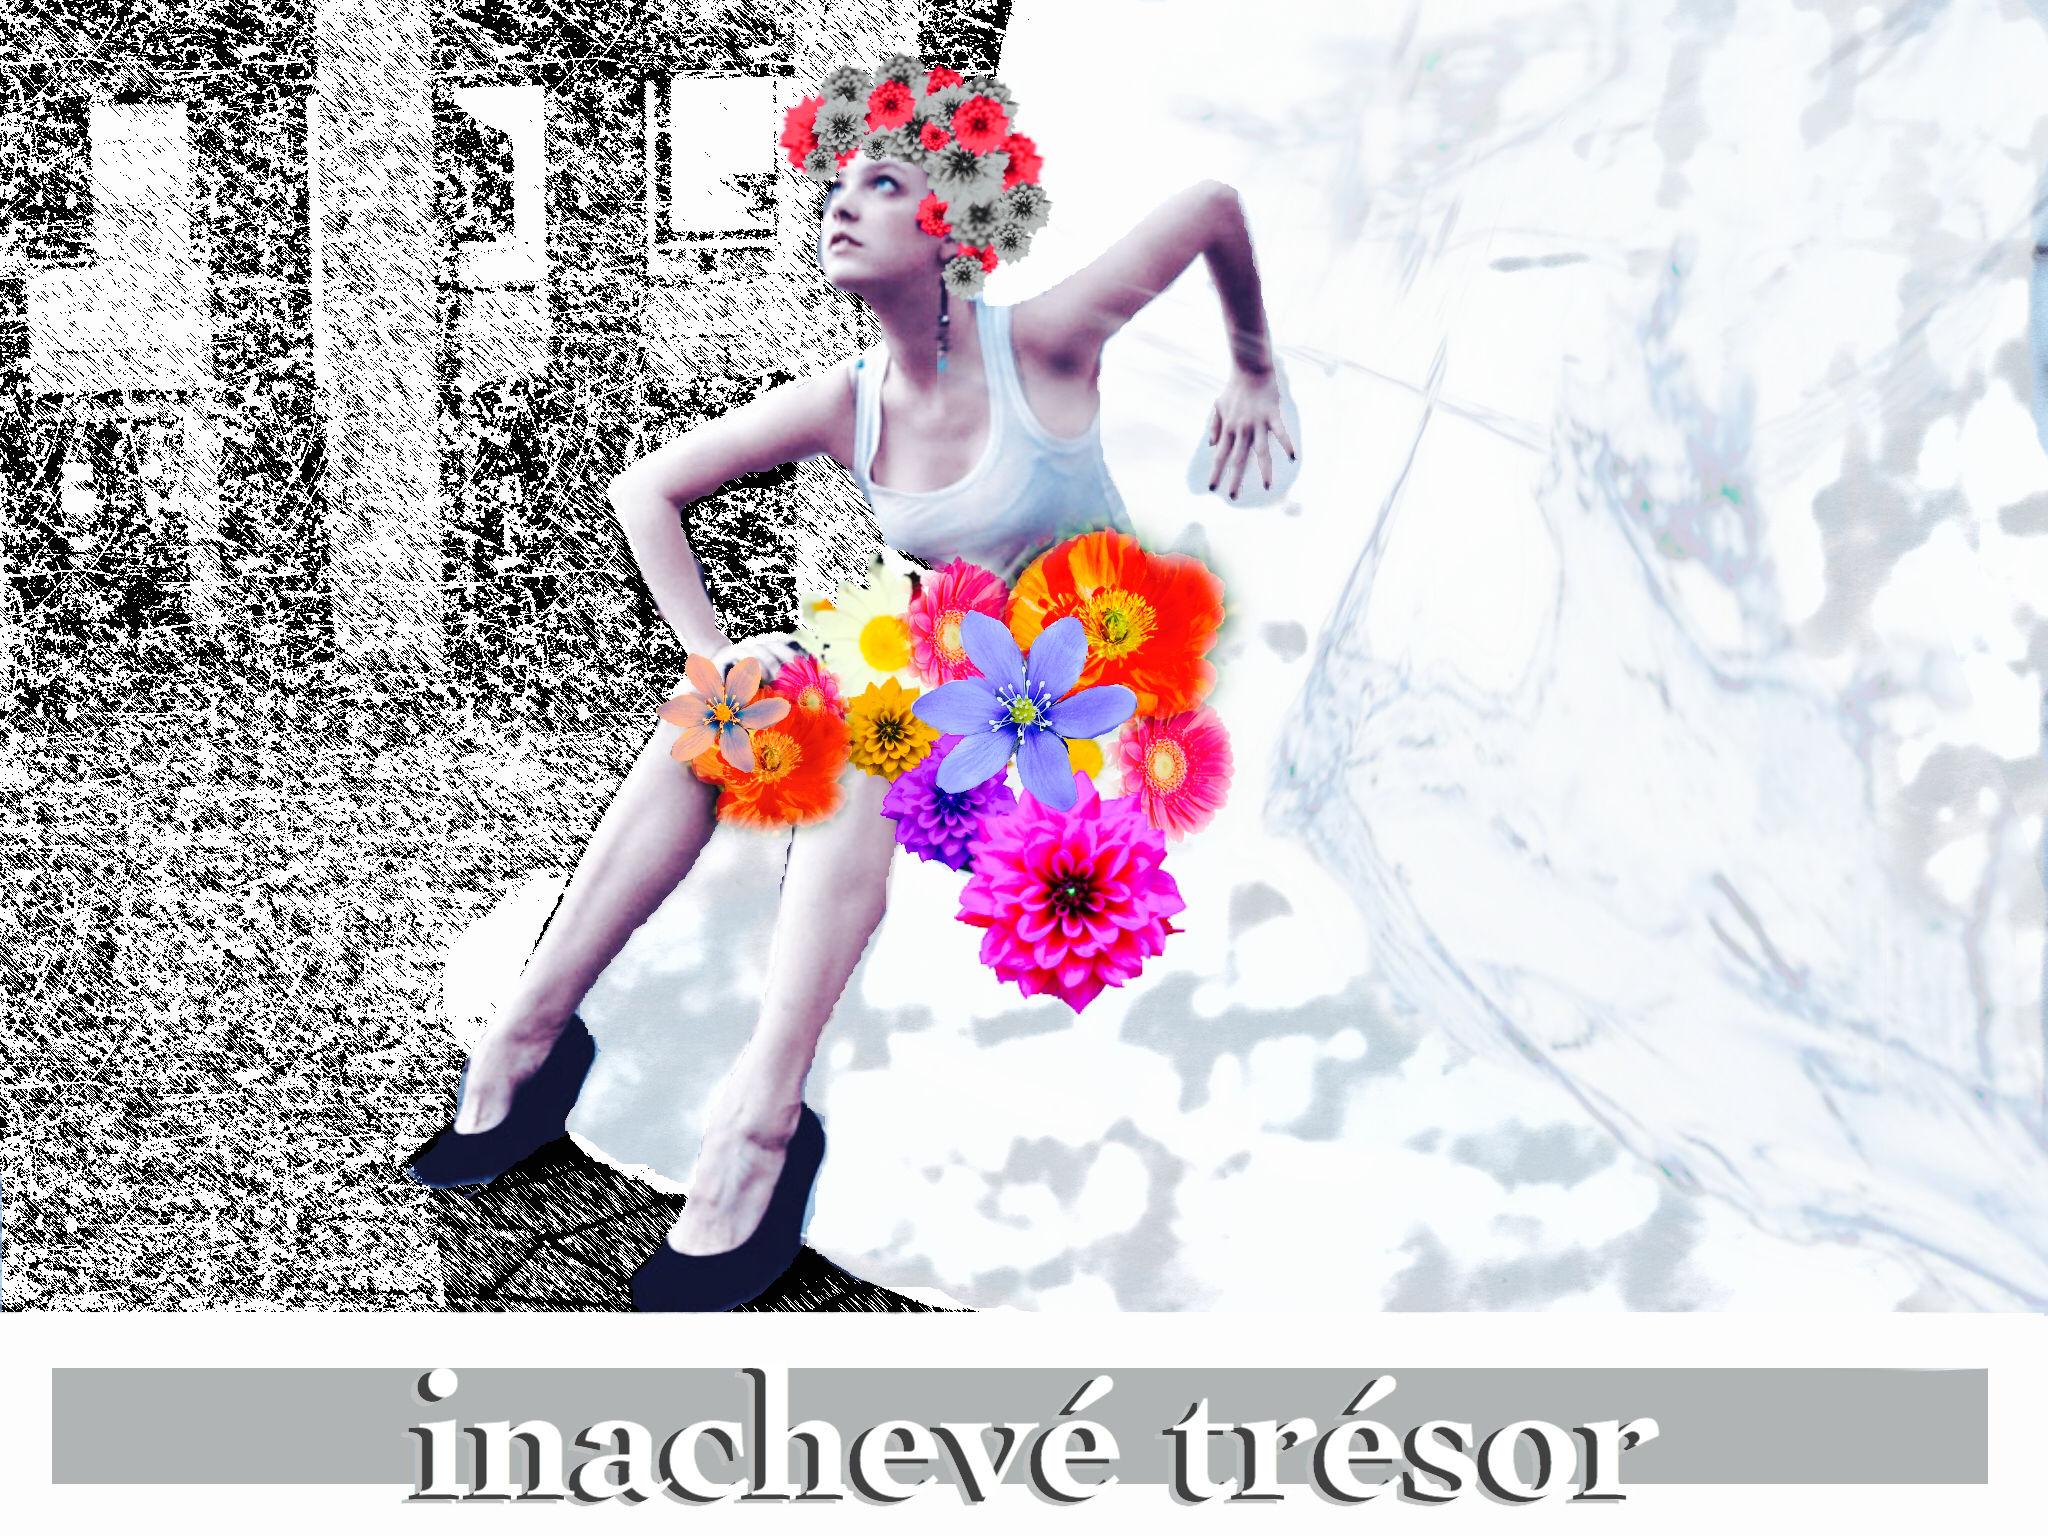 inachevé trésor